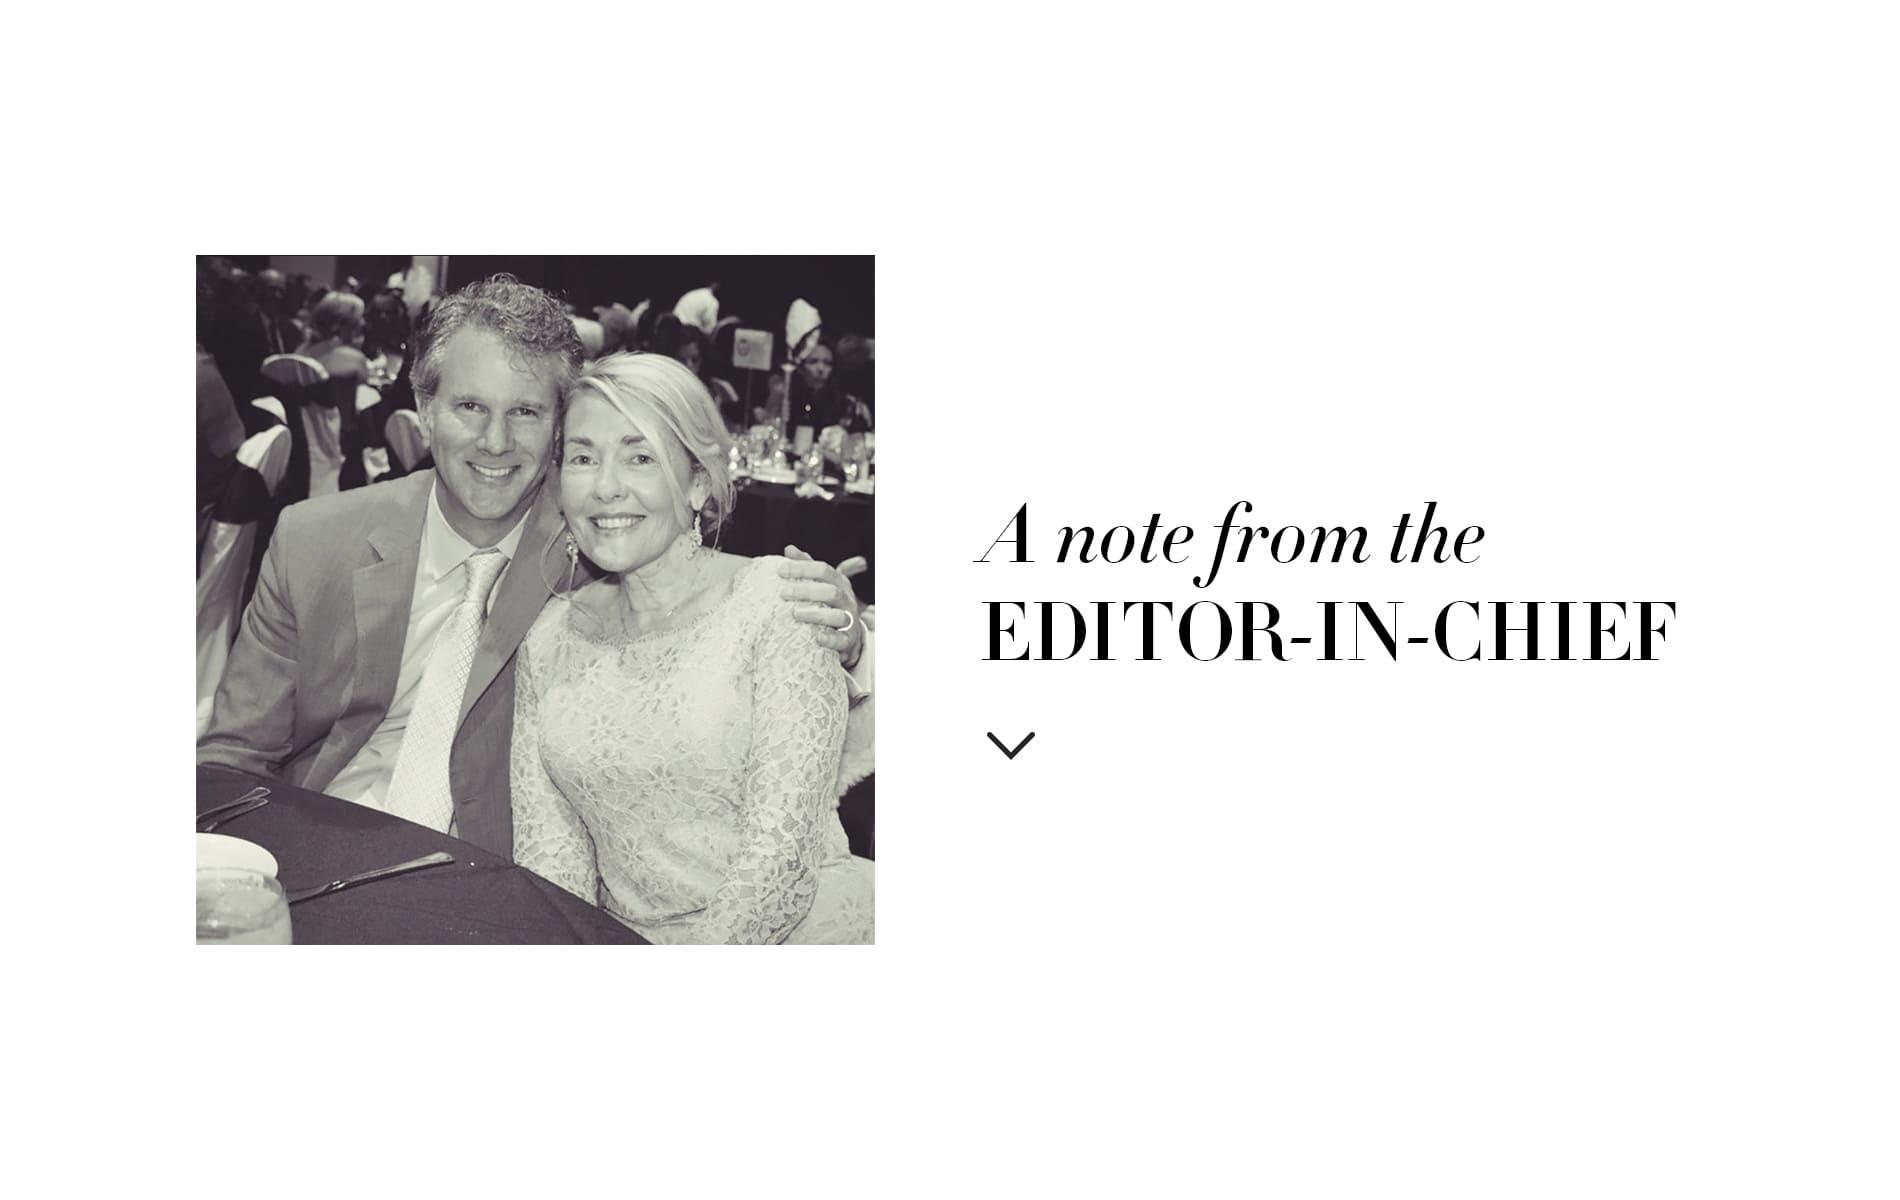 VIE Magazine December 2019 The Women's Issue, Lisa Burwell, Gerald Burwell, Editor-in-Chief Note